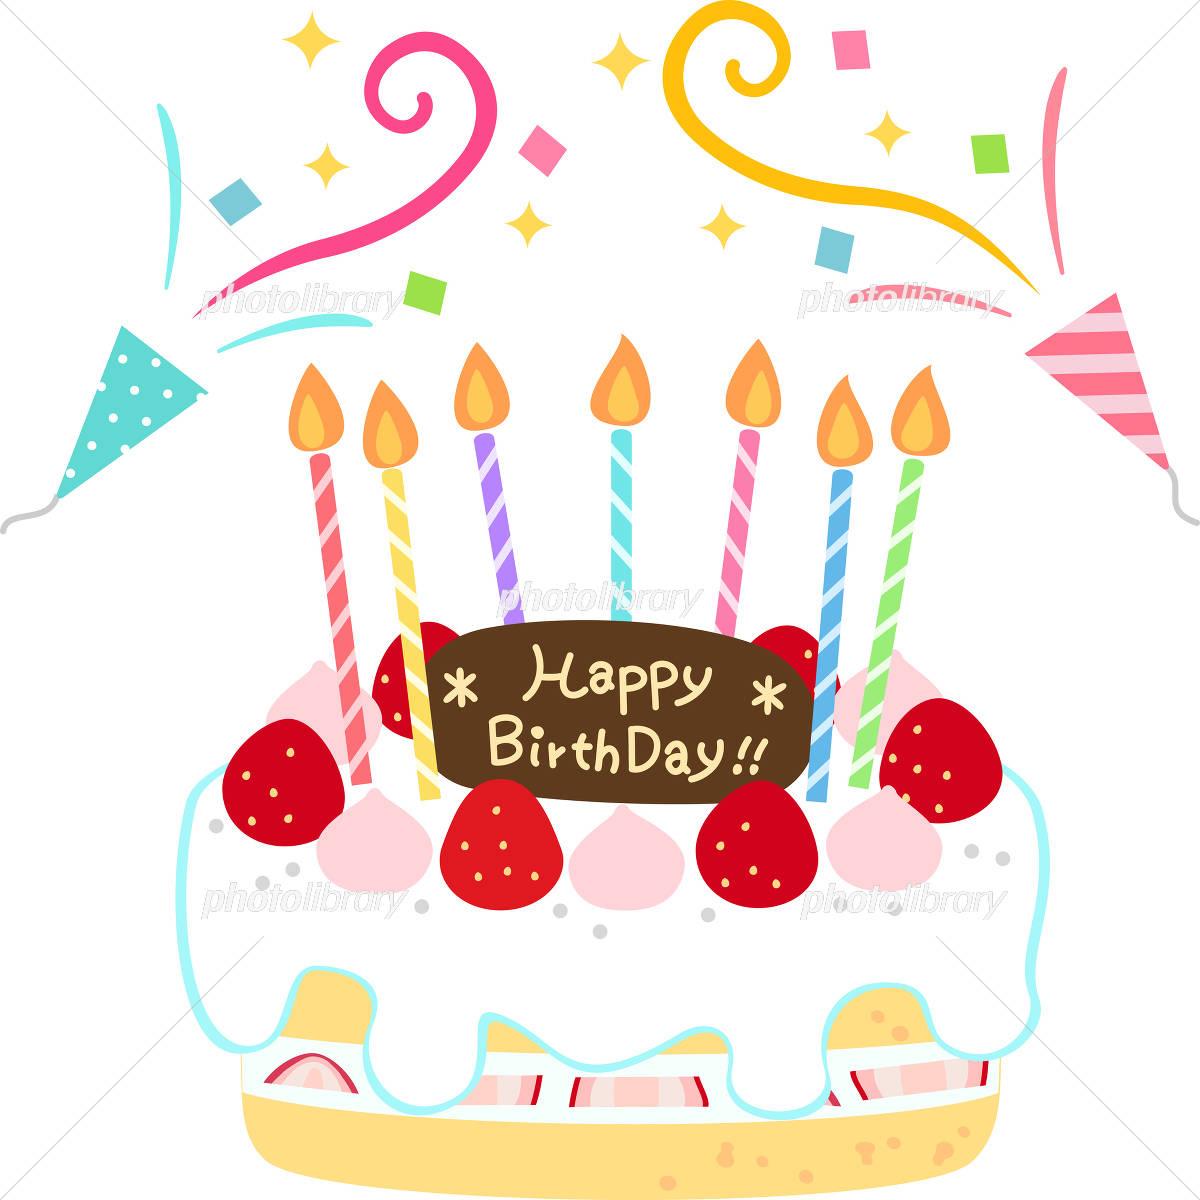 誕生日お祝いのデコレーションケーキ イラスト素材 4207604 フォト